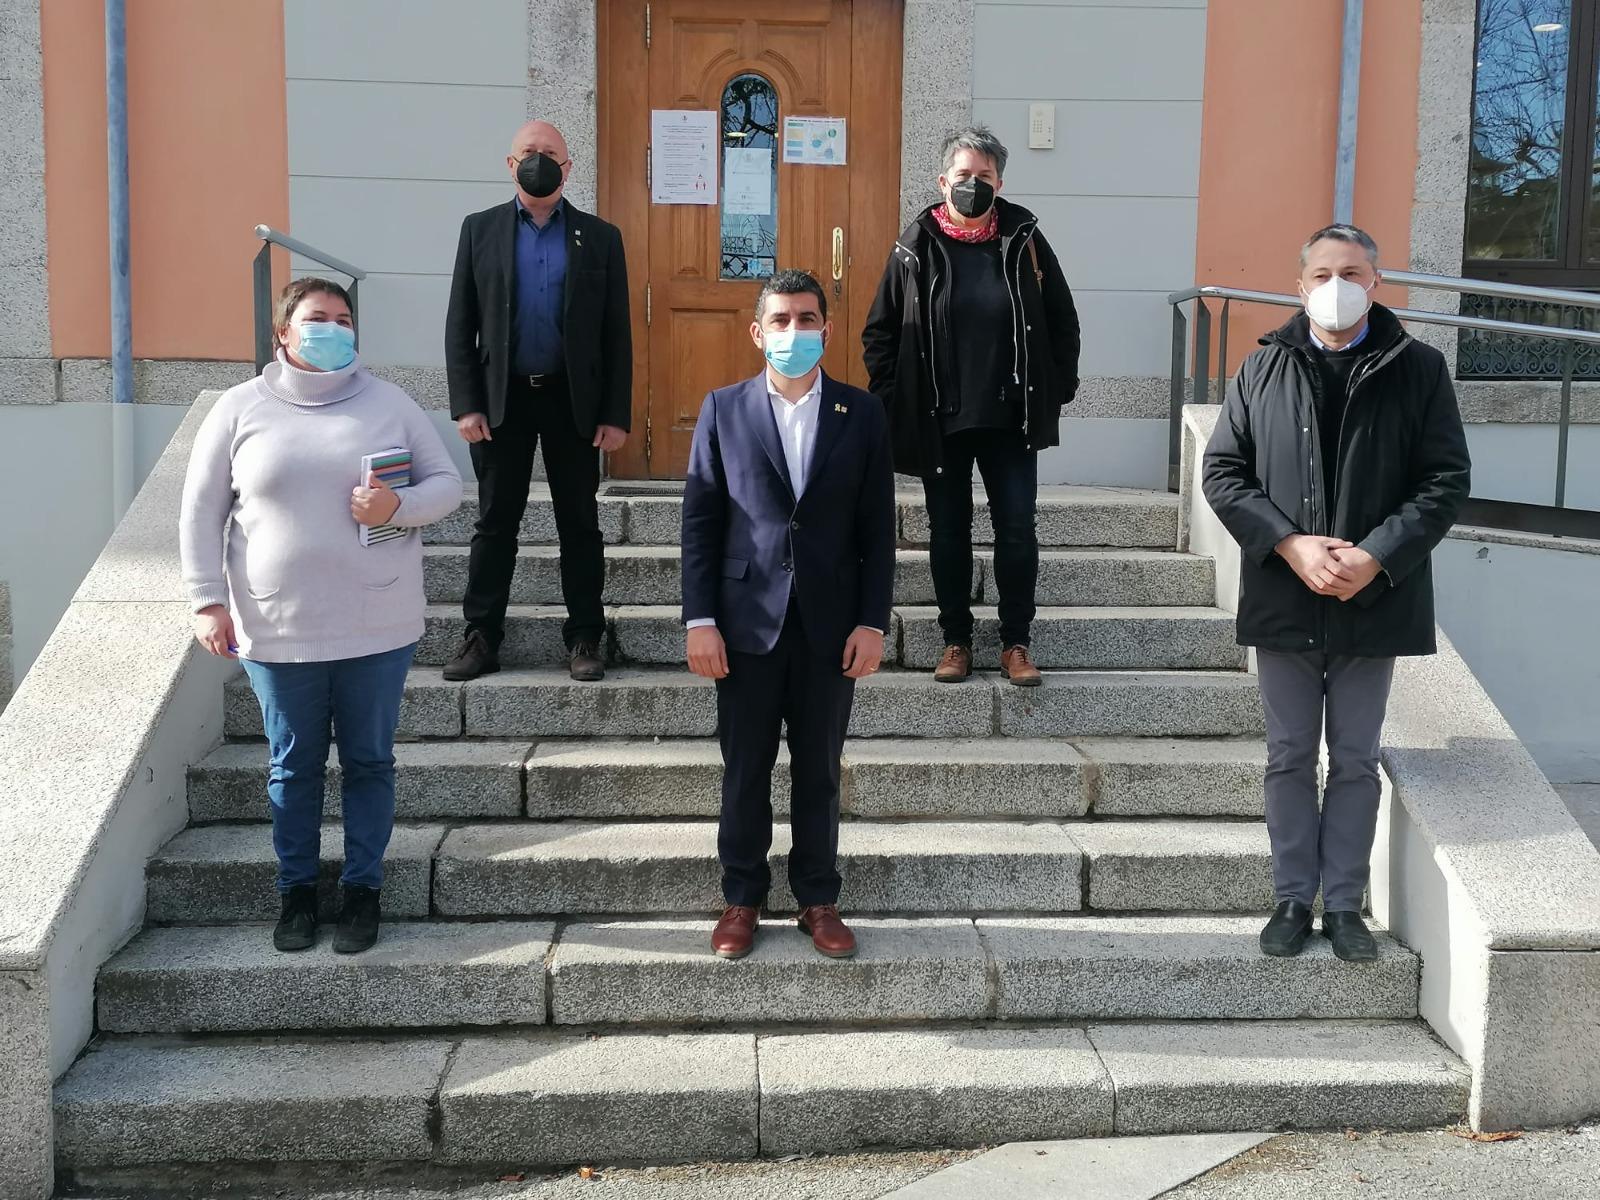 El vicepresident, Ramon Roqué; la presidenta del Consell Comarcal de la Cerdanya, Roser Bombardó; i el conseller de Treball, Chakir el Homrani, a les escales del Consell Comarcal de la Cerdanya